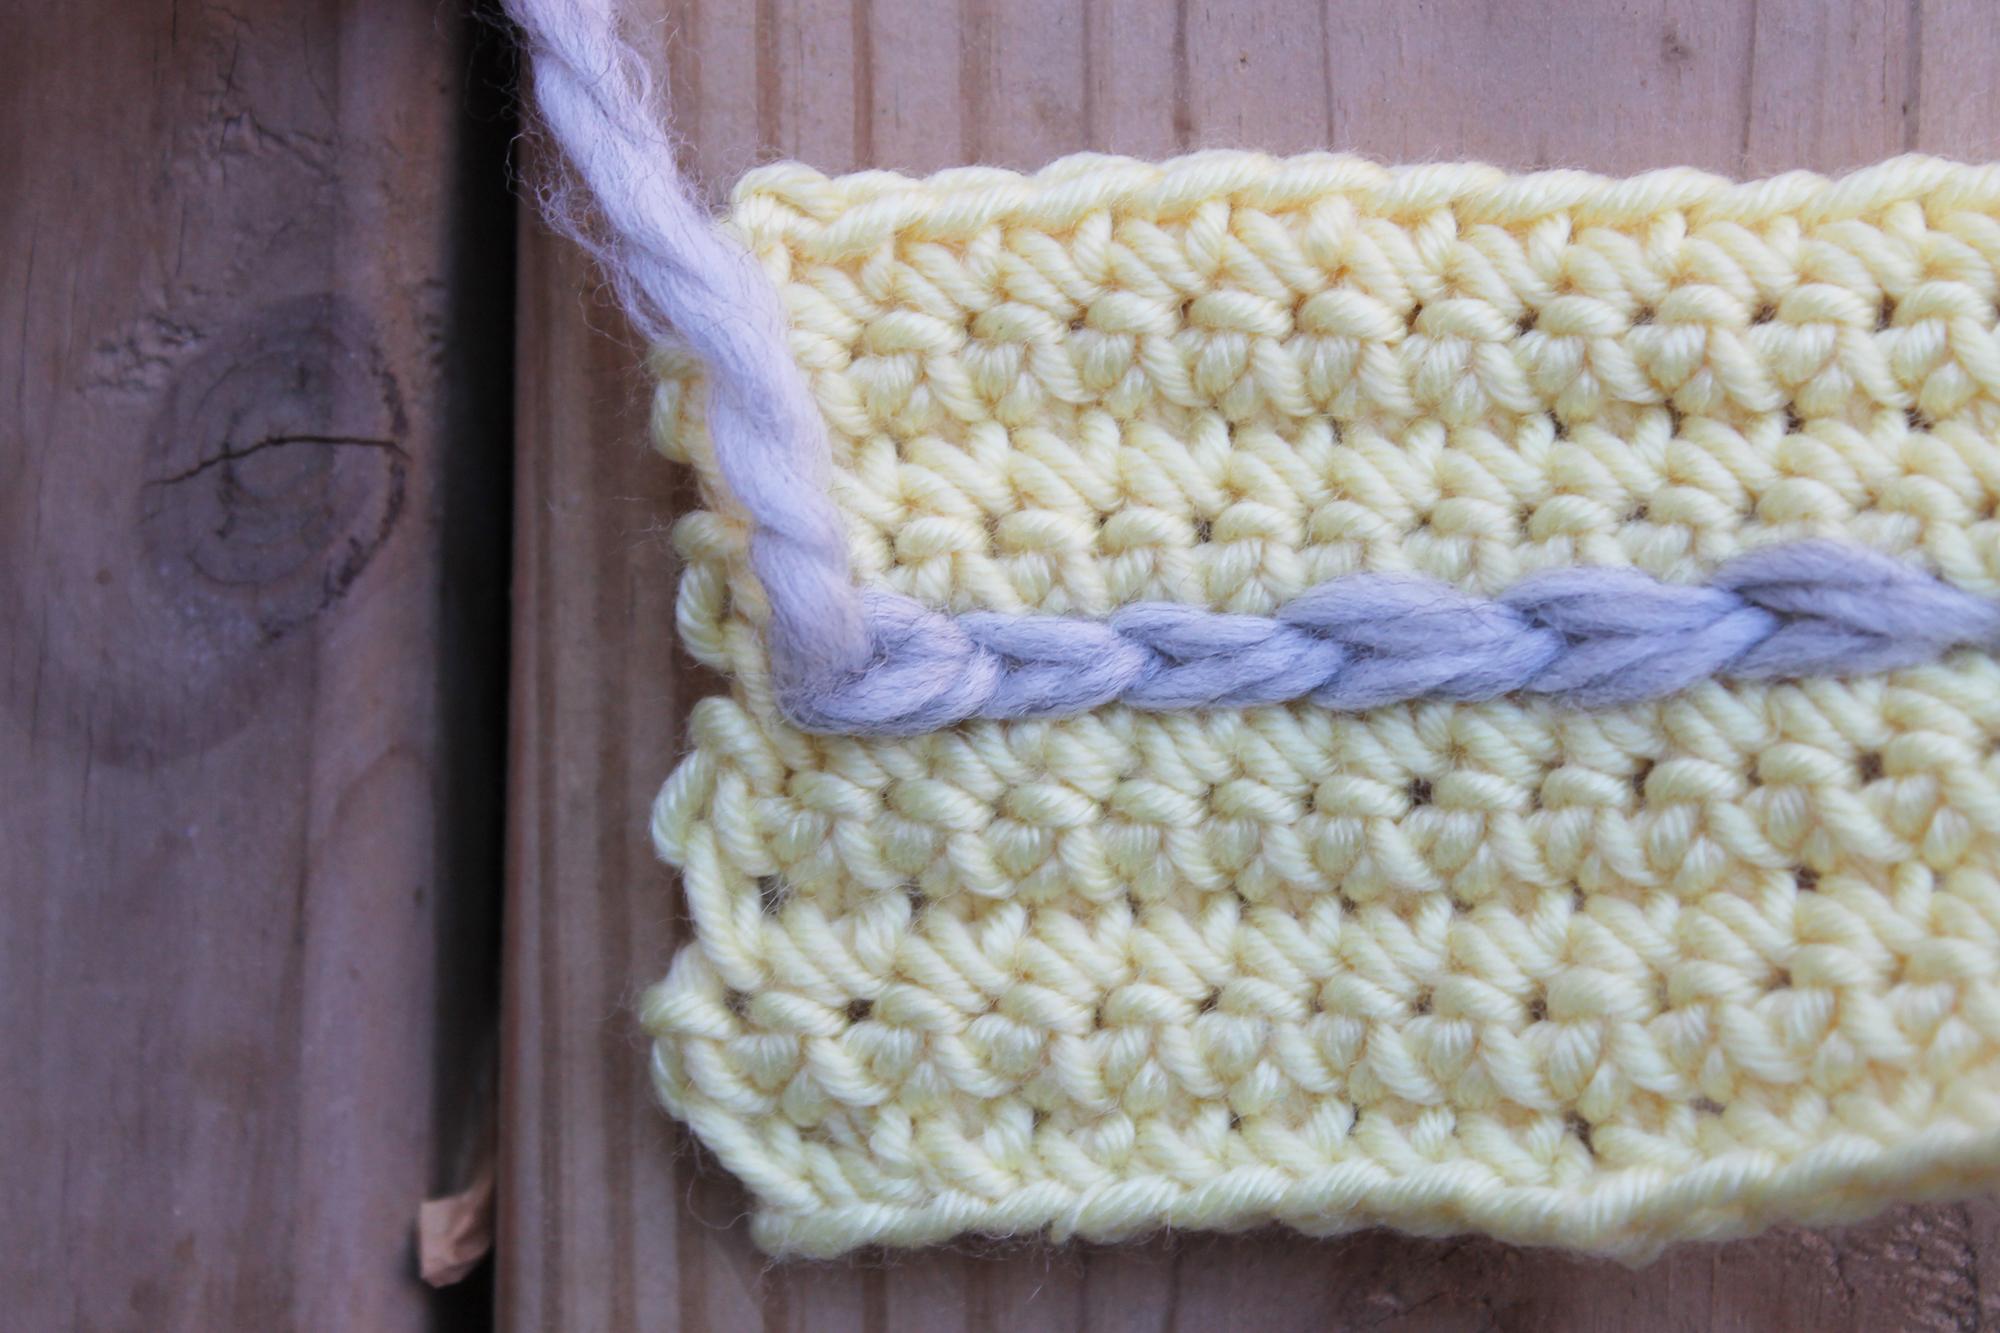 Surface crochet fastening off